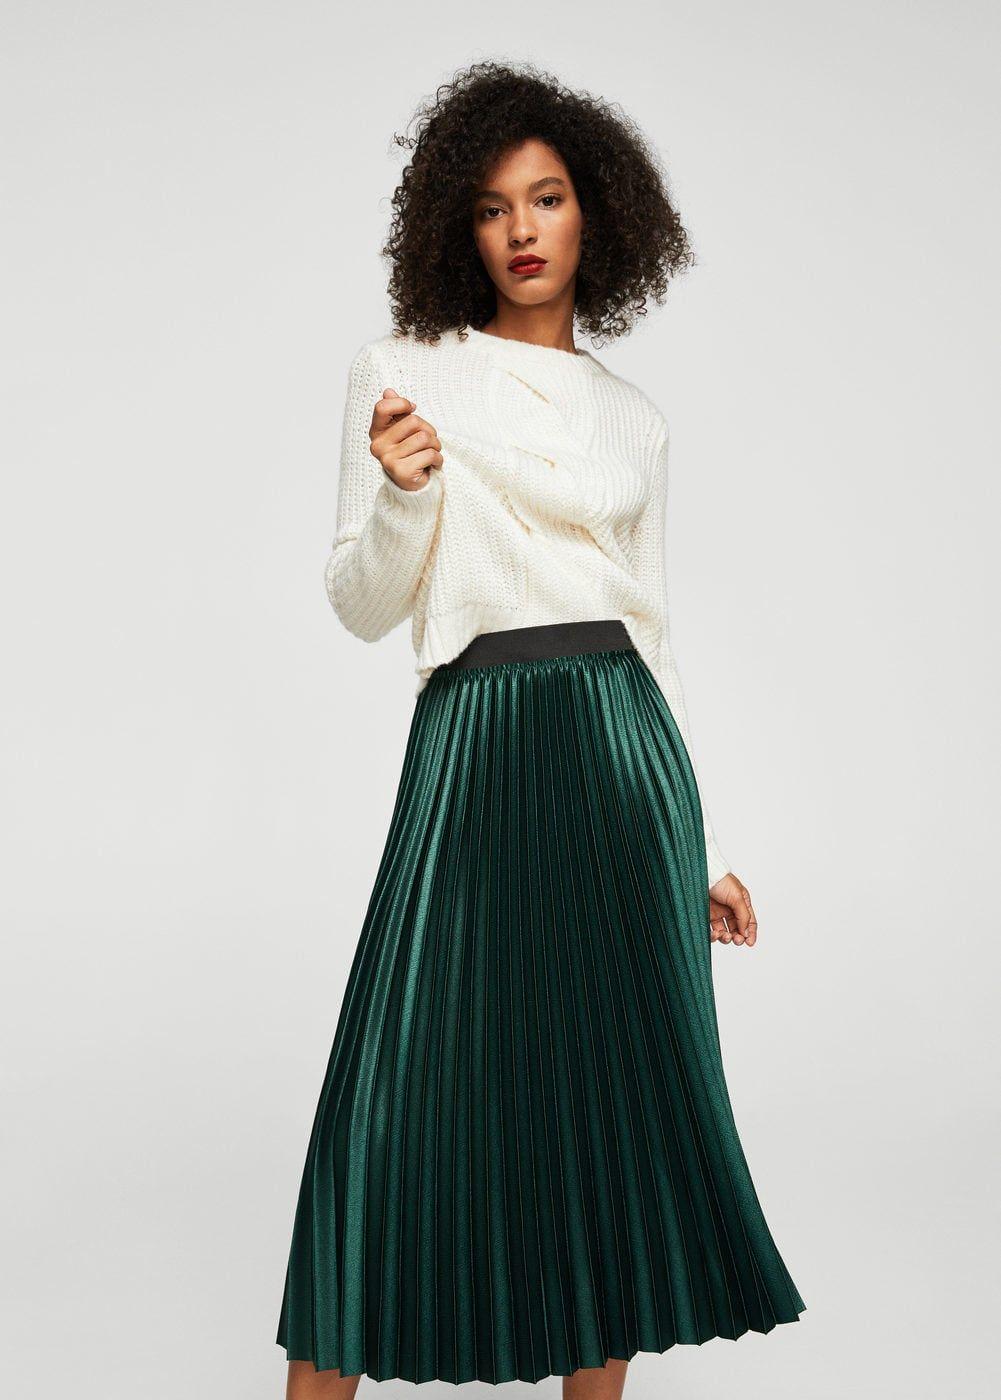 69791f1f0280a Jupe plissée métallisée - Femme   idées tenues   Pinterest   Jupe ...